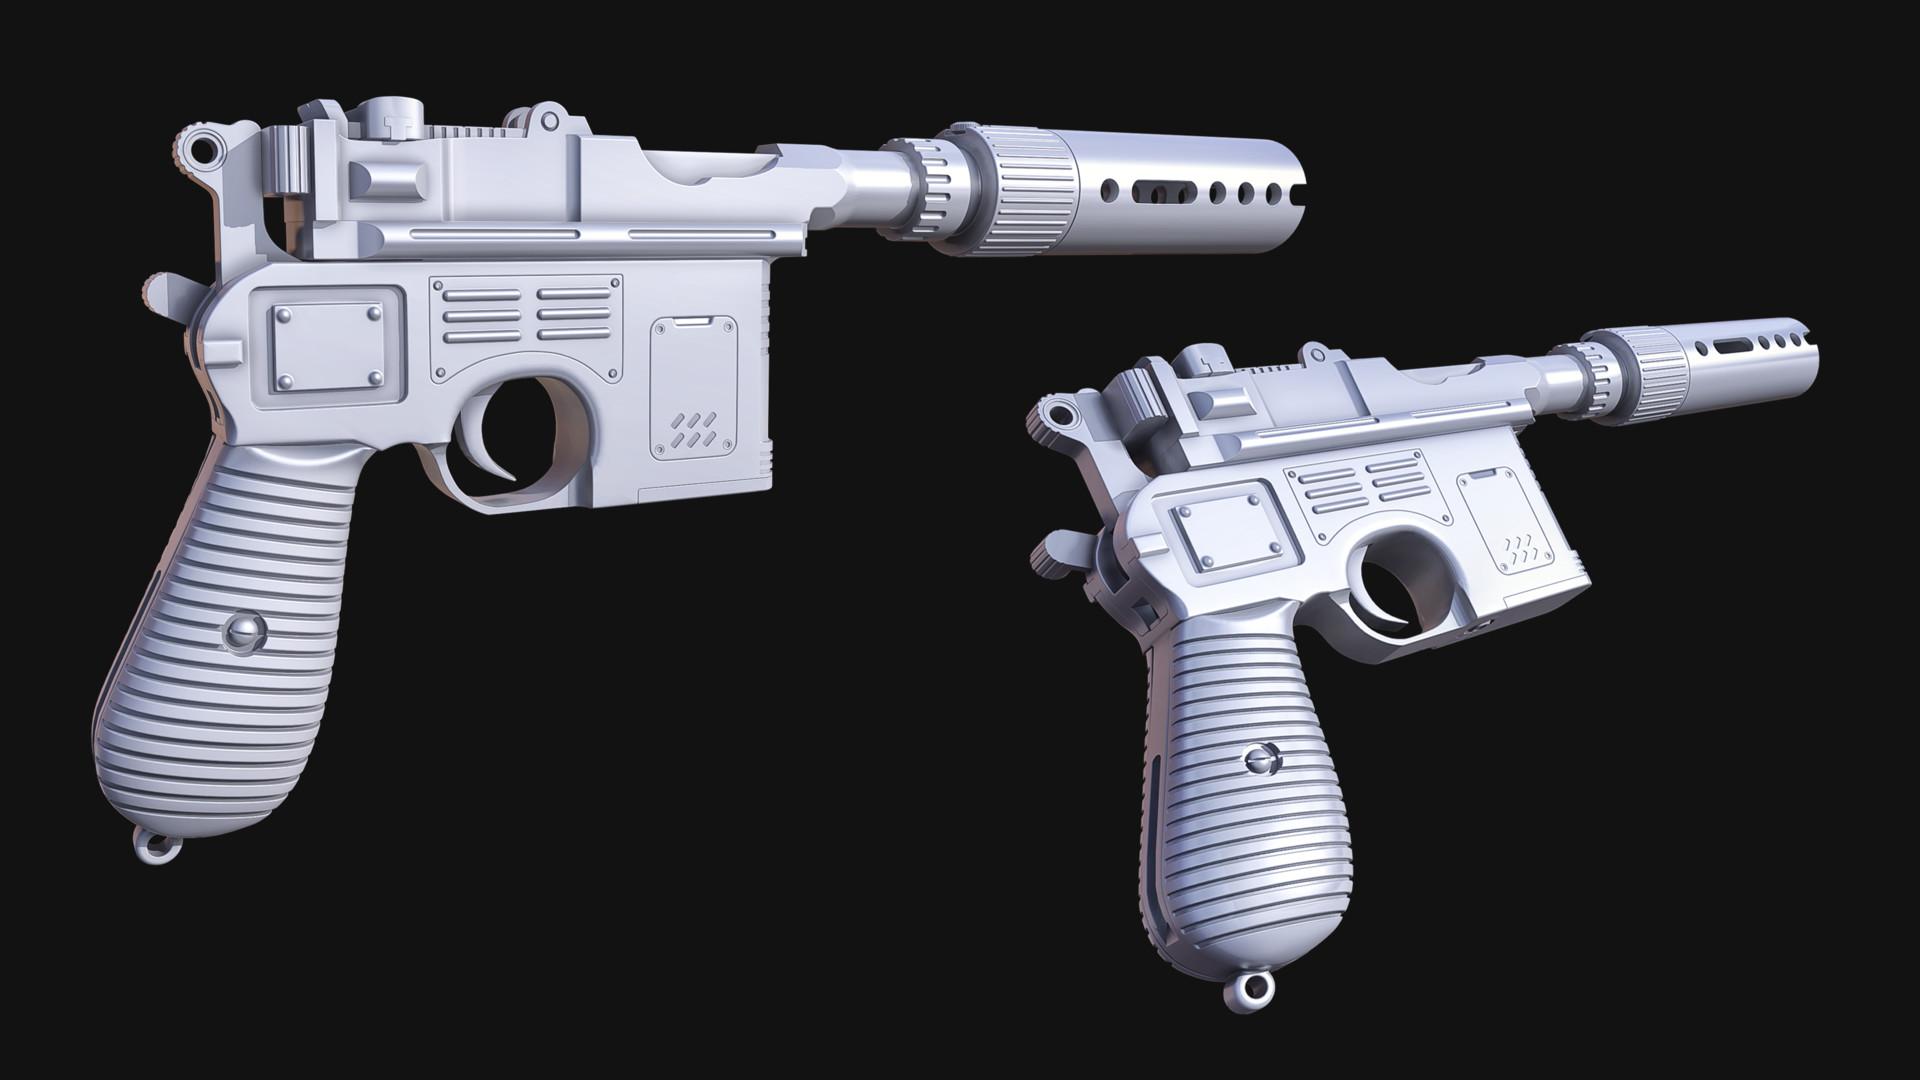 Markel milanes mtx20 blaster 01